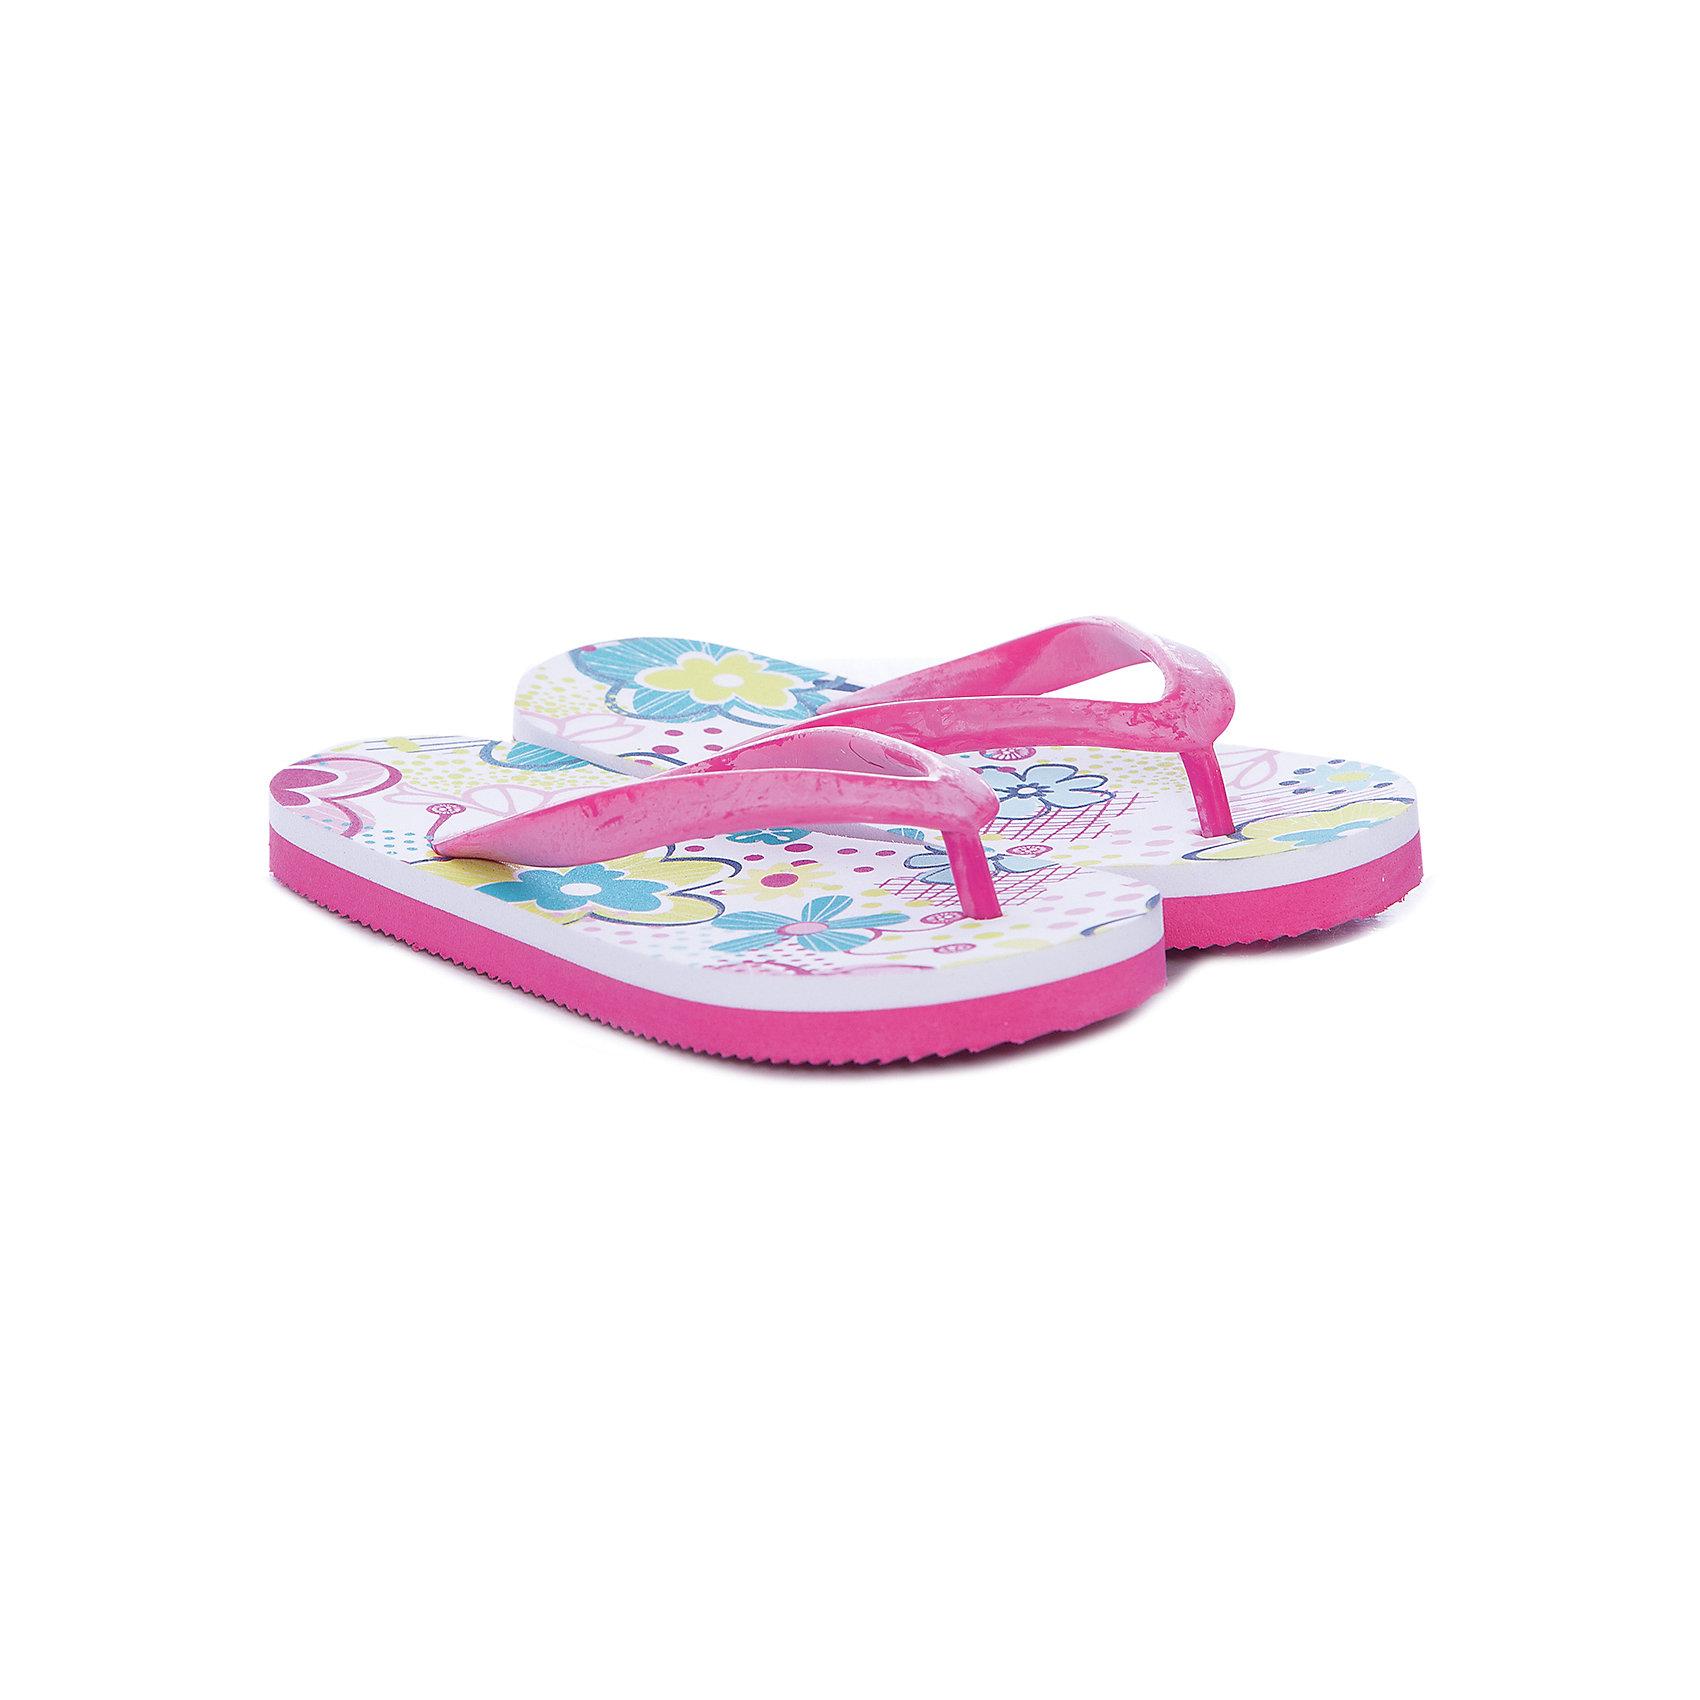 Шлепанцы для девочки PlayTodayПляжная обувь<br>Пантолеты для девочки от известного бренда PlayToday<br>Яркие непромокаемые пантолеты для жаркого лета.<br>Состав:<br>Этиленвинилацетат<br><br>Ширина мм: 225<br>Глубина мм: 139<br>Высота мм: 112<br>Вес г: 290<br>Цвет: разноцветный<br>Возраст от месяцев: 72<br>Возраст до месяцев: 84<br>Пол: Женский<br>Возраст: Детский<br>Размер: 30,25,26,27,28,29<br>SKU: 4789859